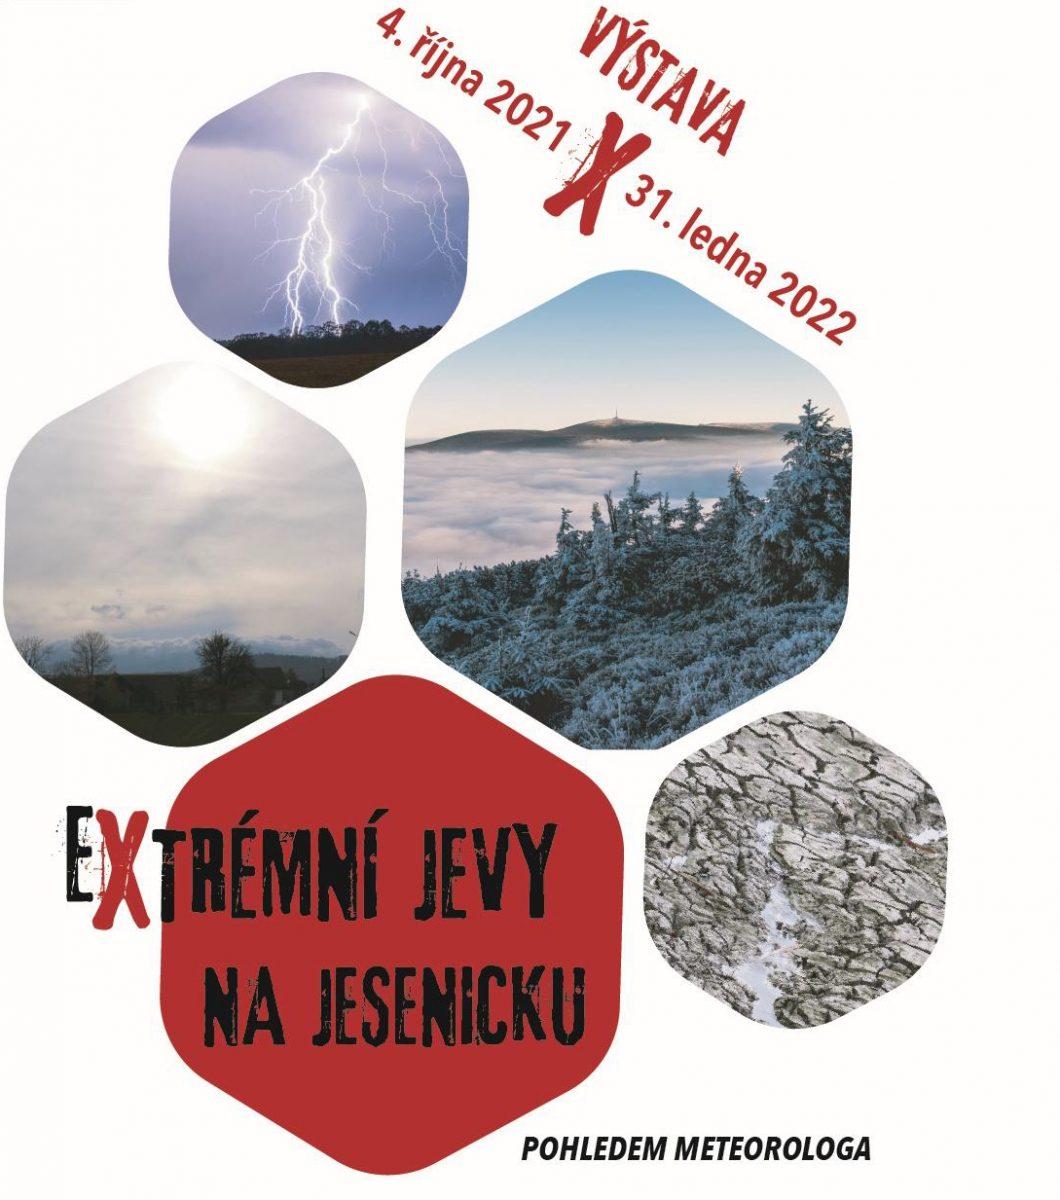 Výstava Extrémní jevy na Jesenicku pohledem meteorologa